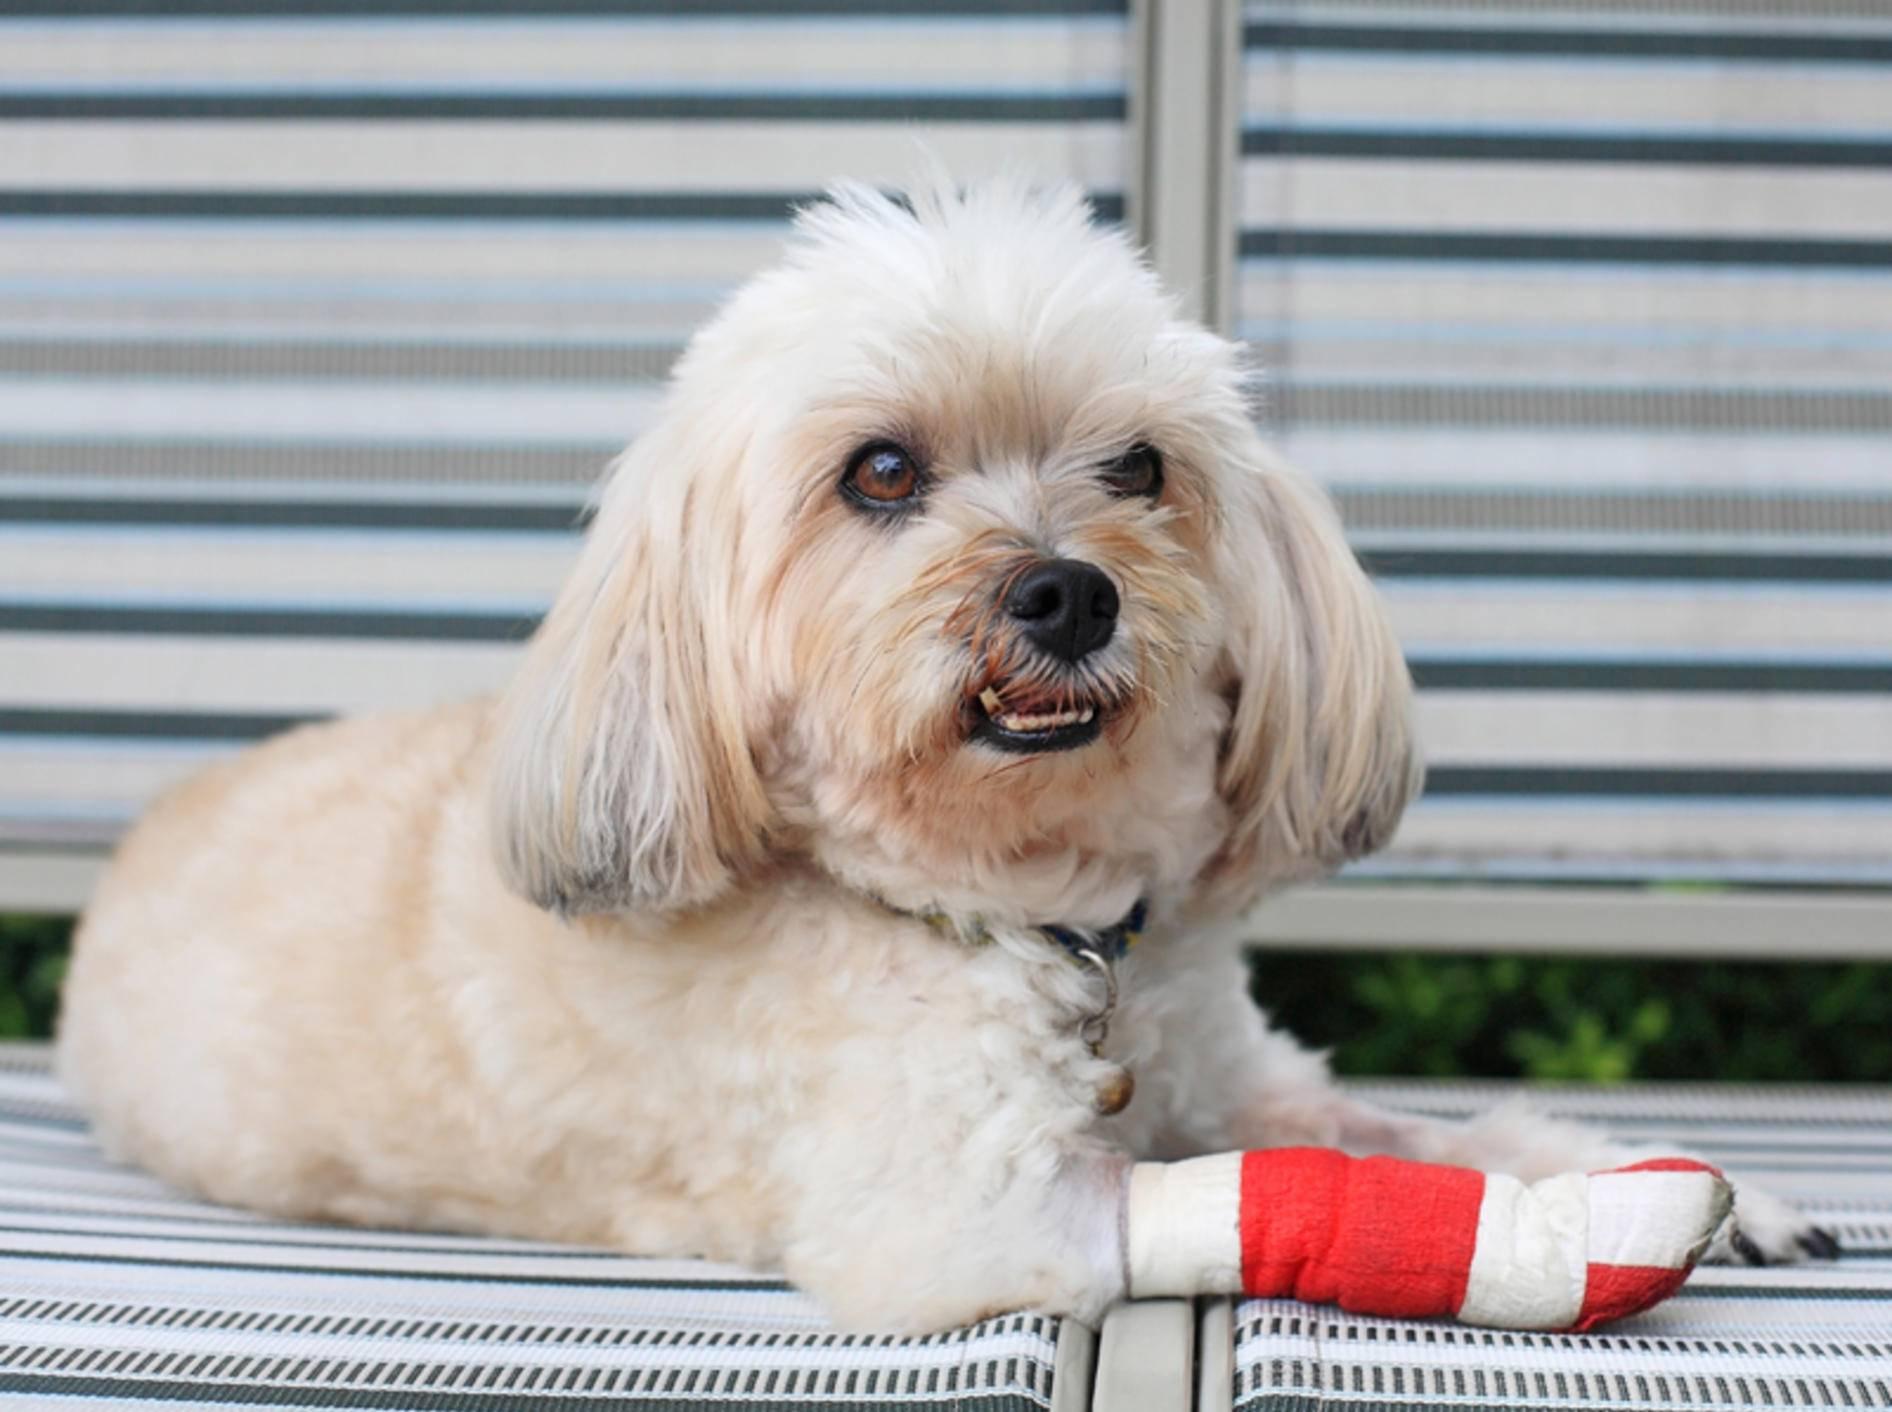 Gute Besserung, kleiner Shih Tzu! Hund mit verletzter Pfote – Shutterstock / Blanscape